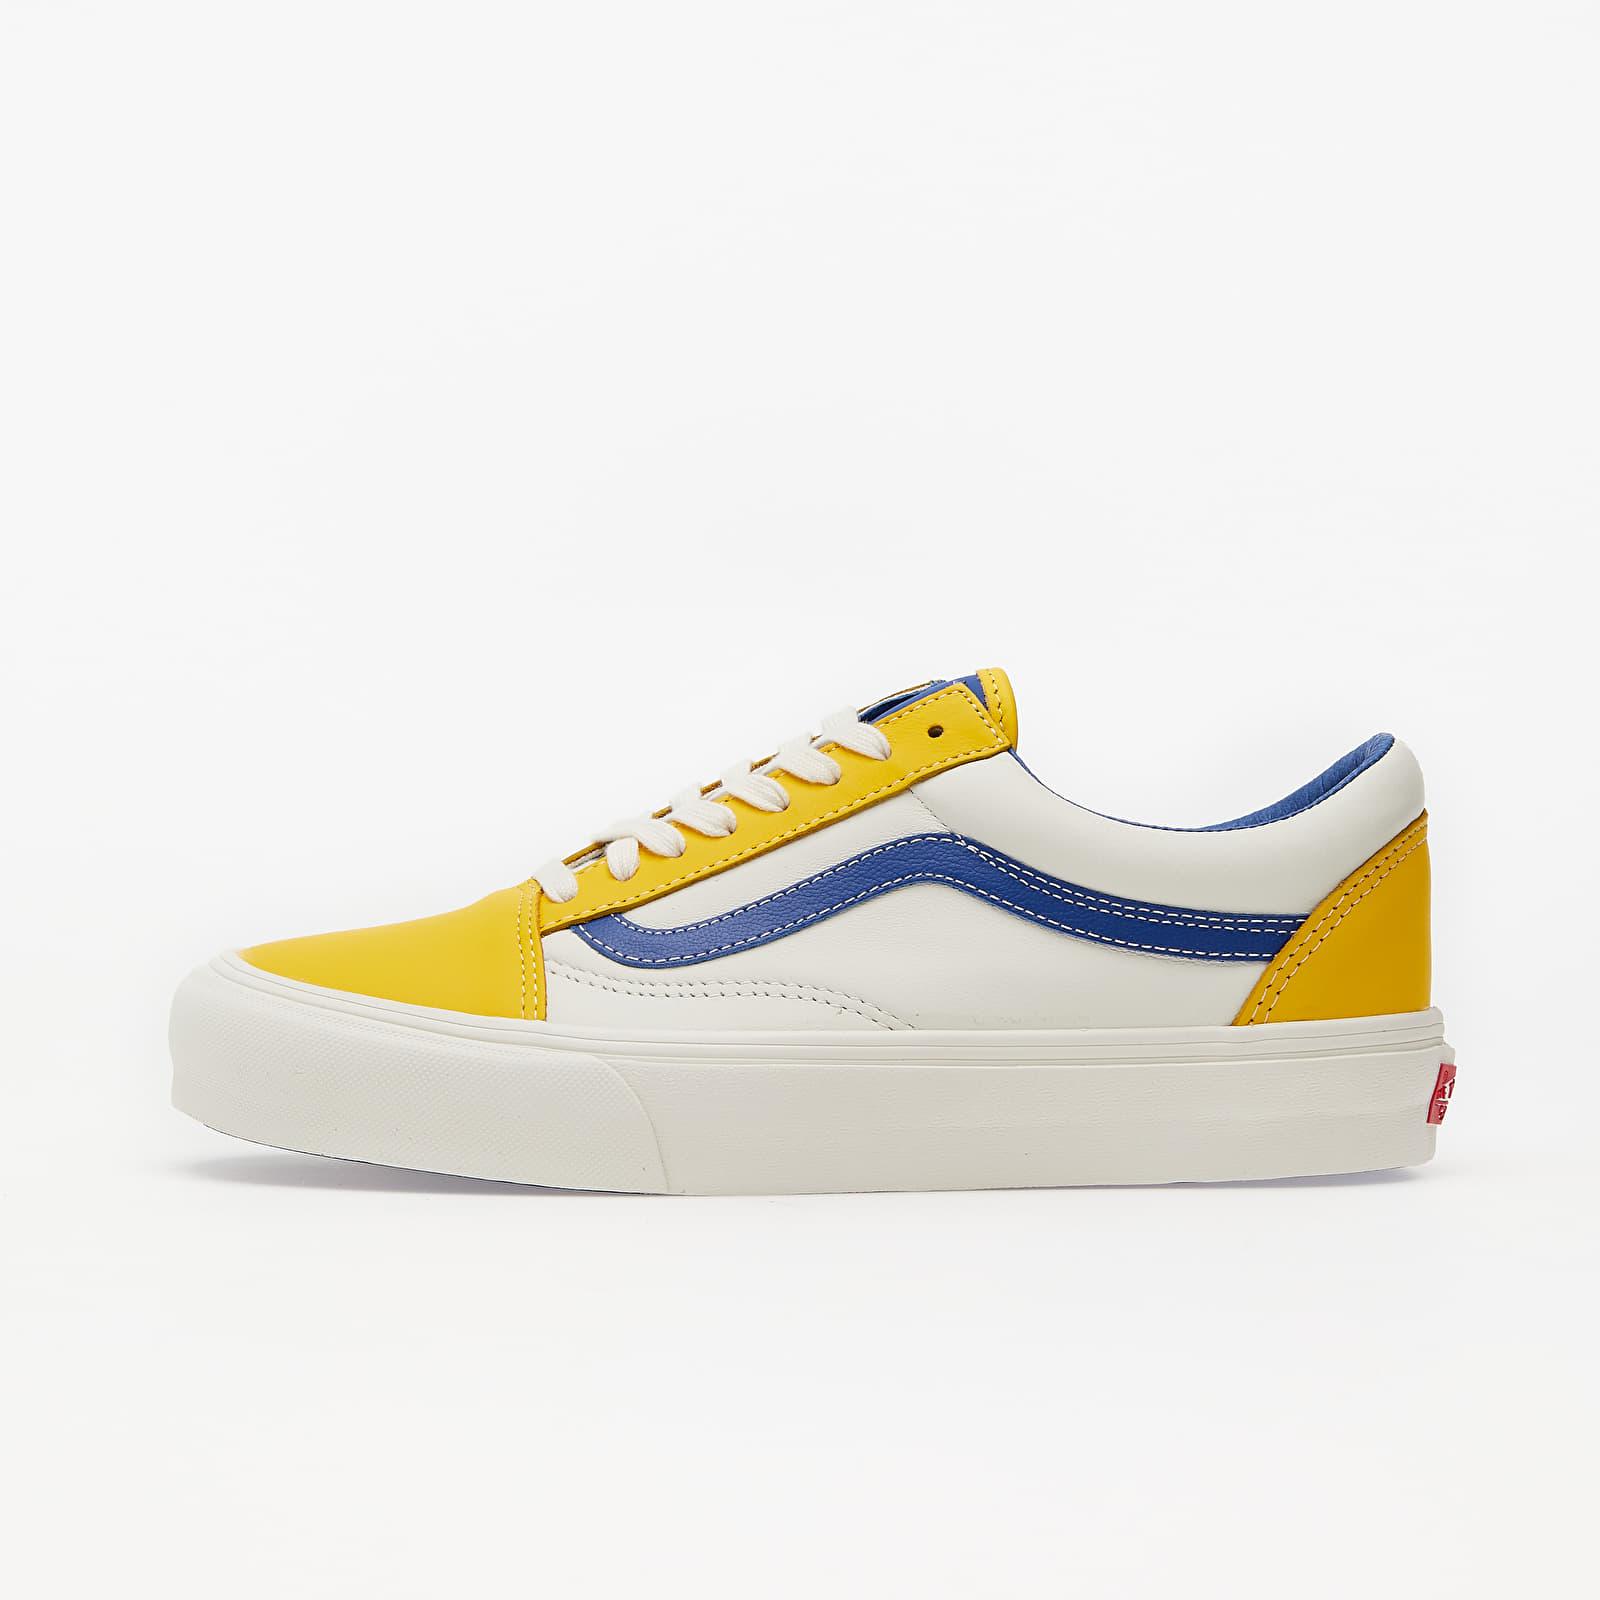 Herren Sneaker und Schuhe Vans Old Skool Vlt LX (Leather) Lemon/ Blue/ True White